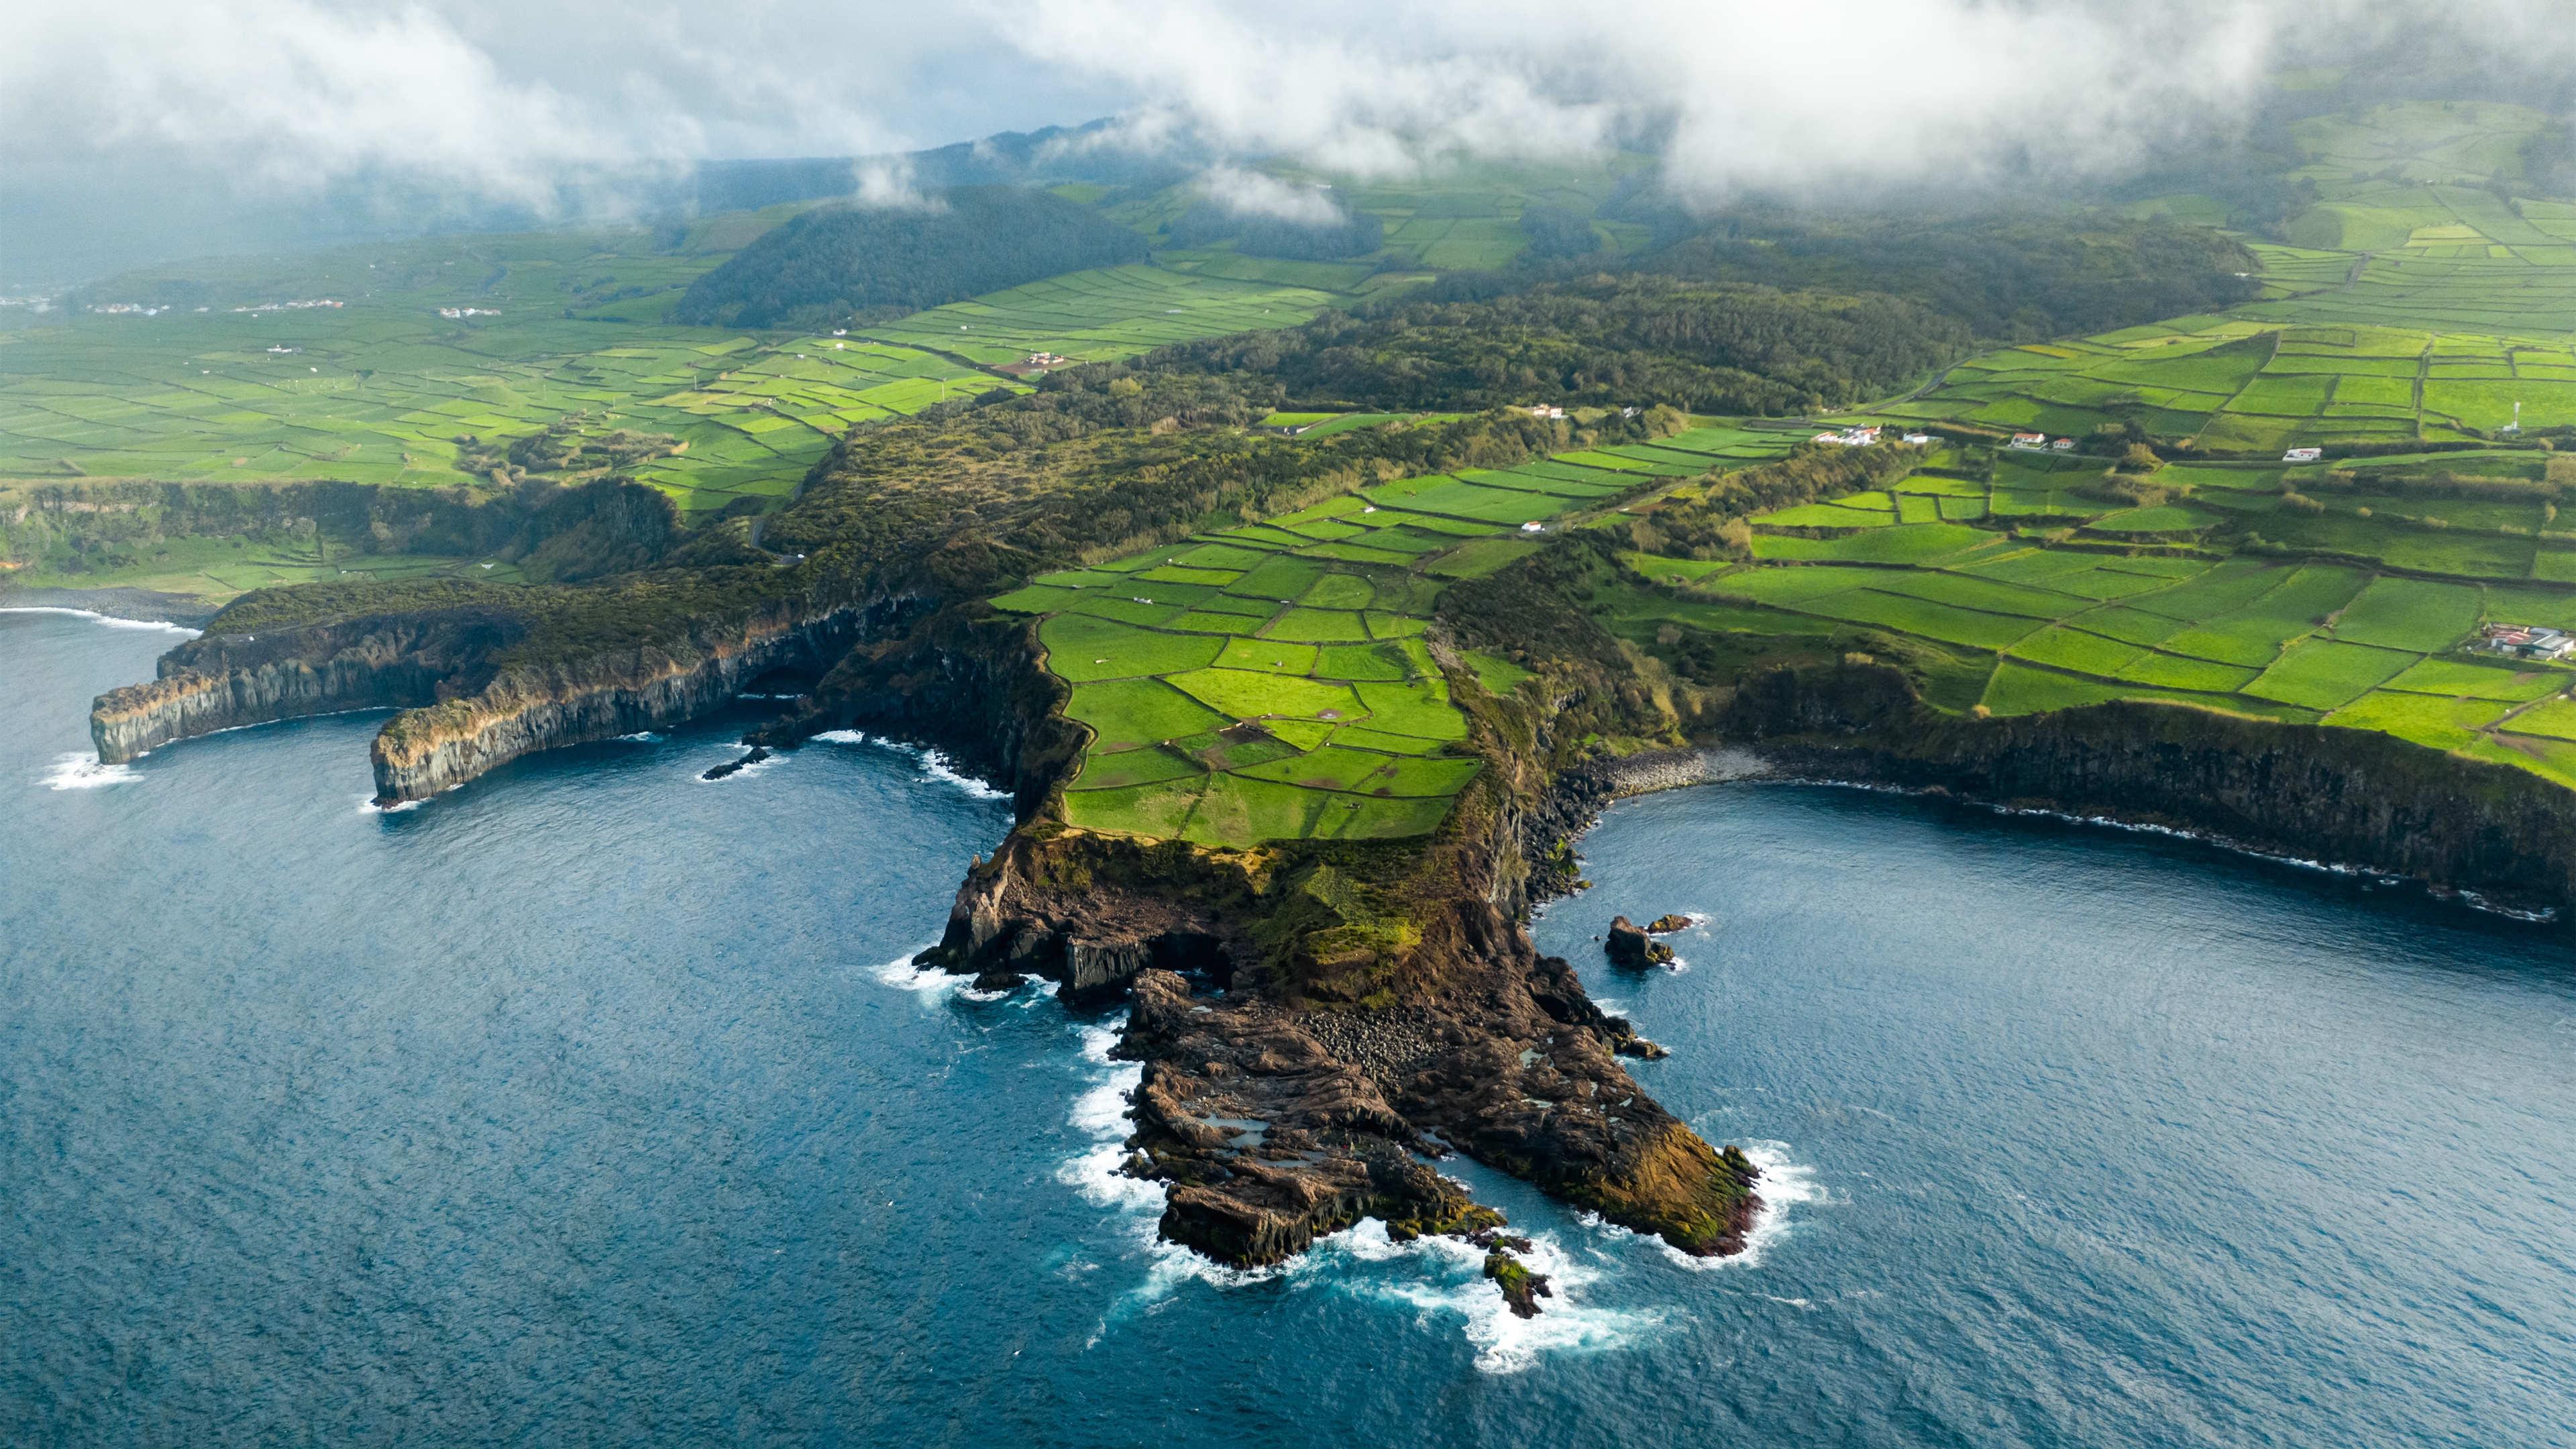 4K专区,绿色,梯田,海洋,自然风光